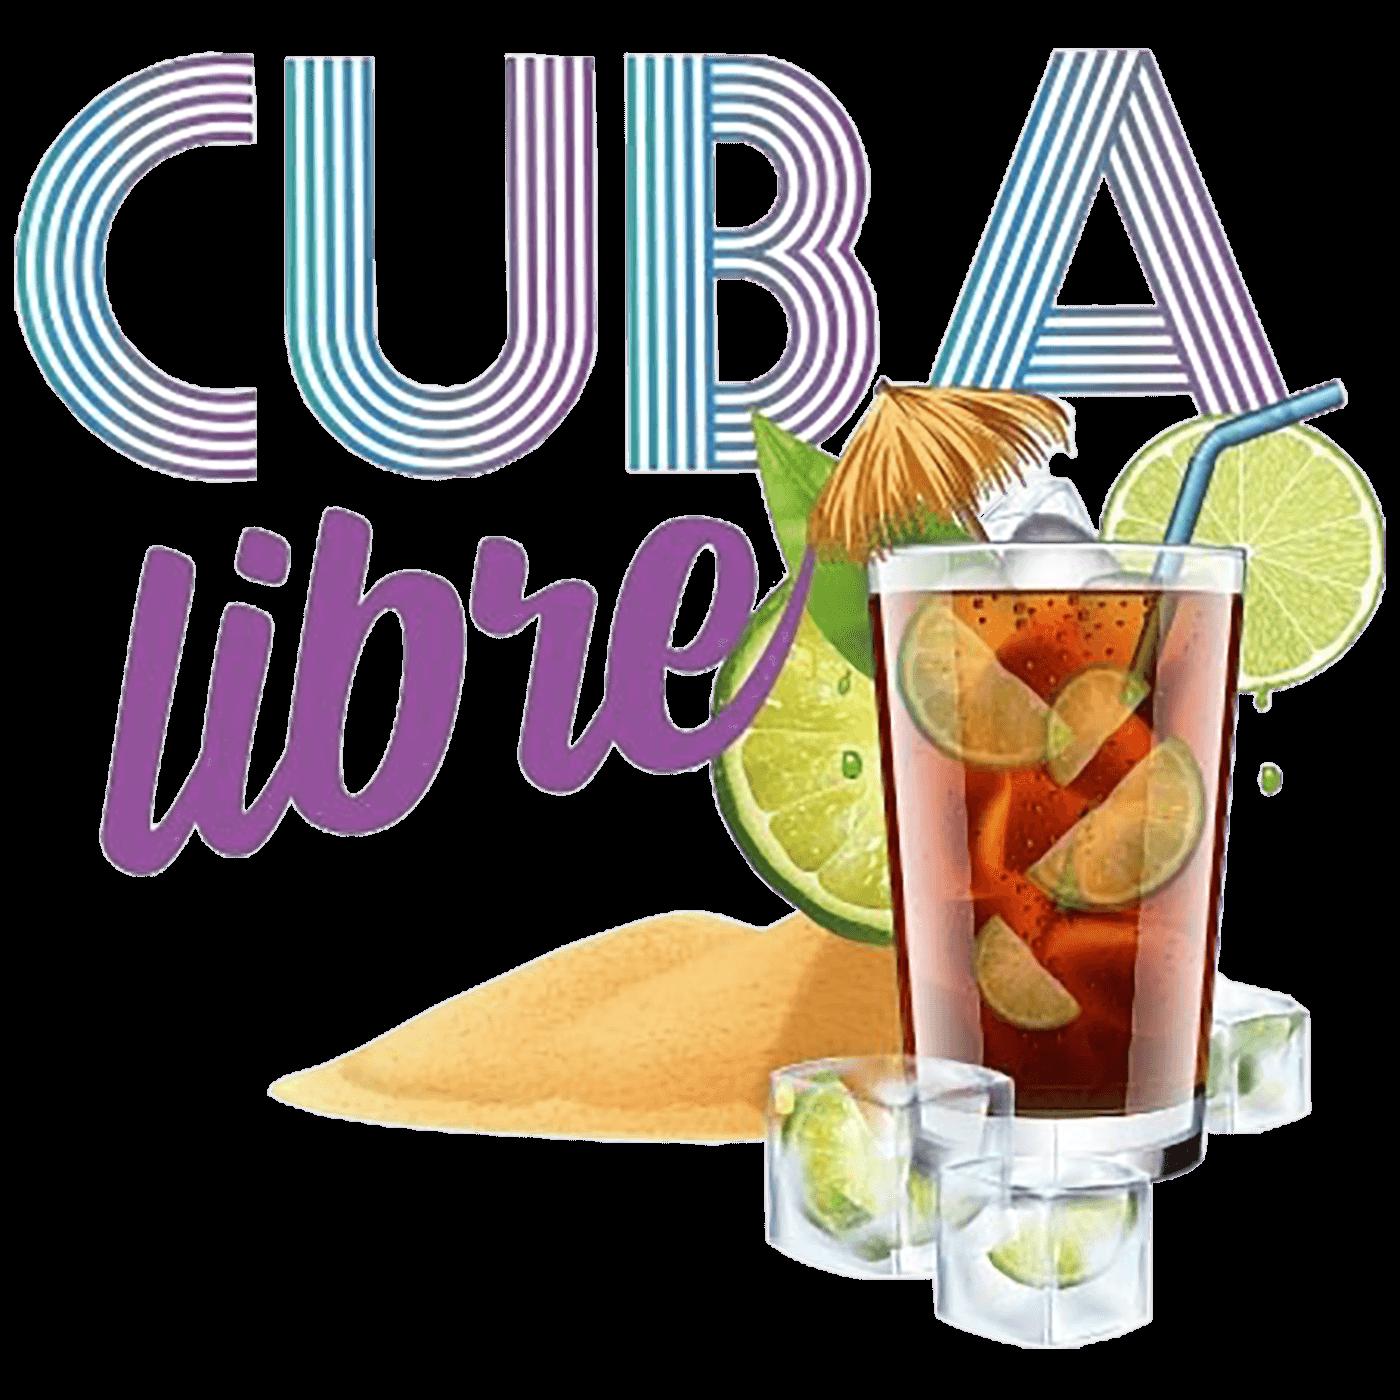 UMB10 Cuba Libre 9mg